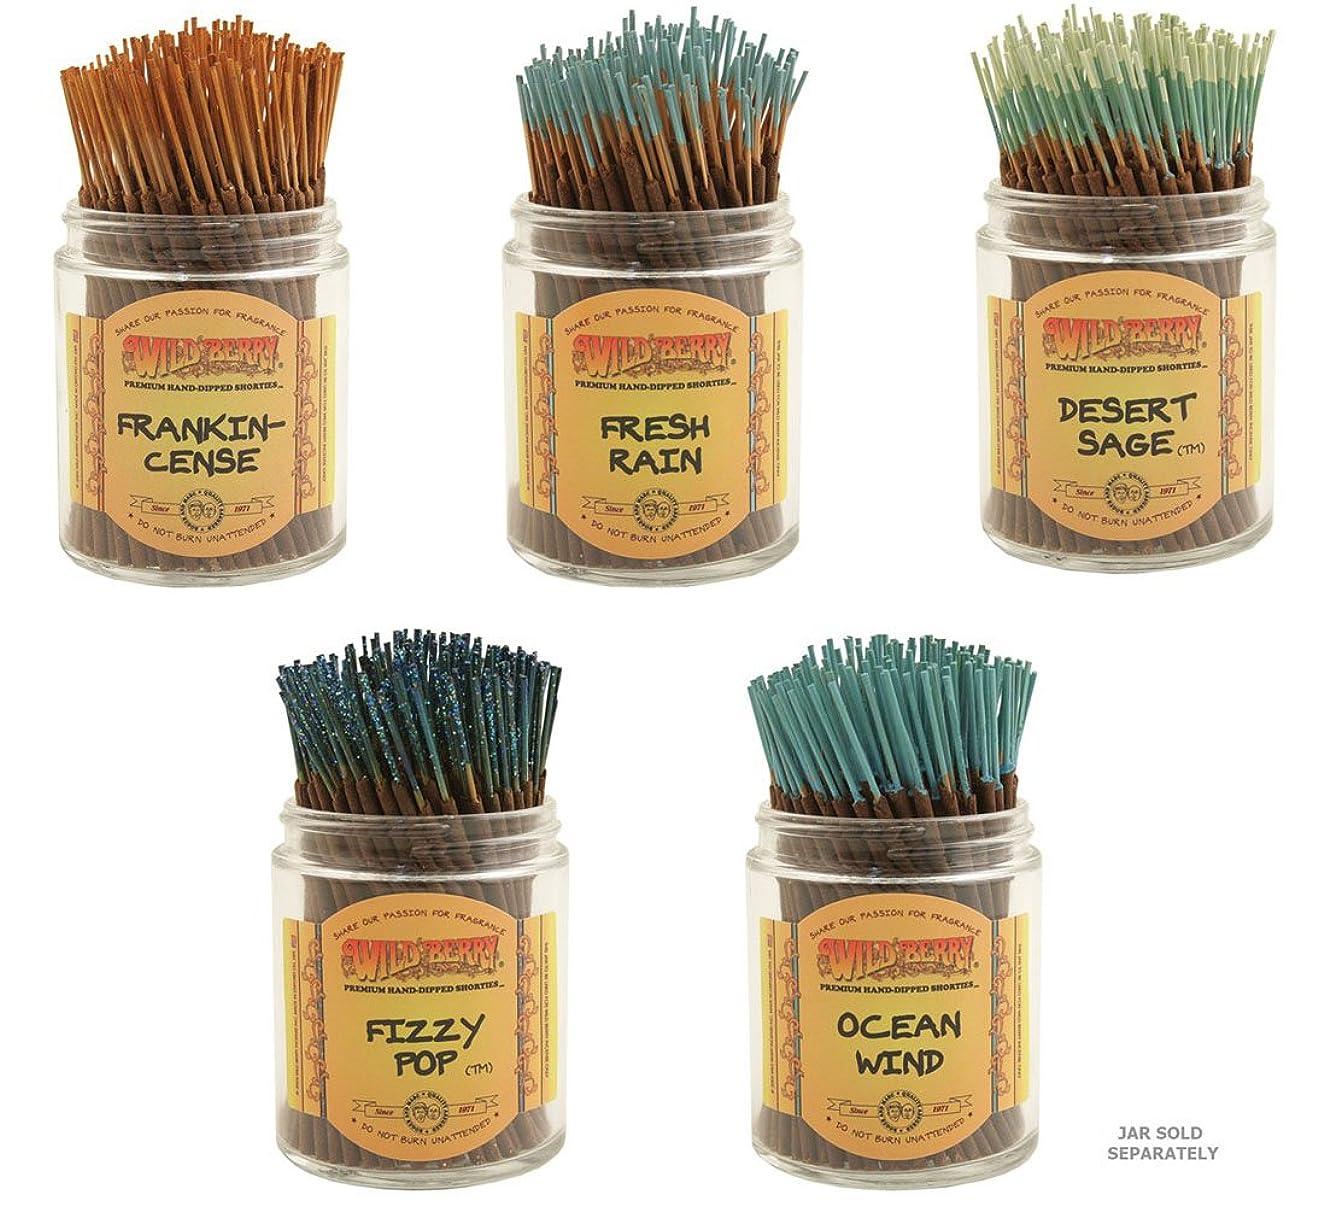 ブレイズ争い中性Wildberry Short Incense Sticks?–?Set of 5秋Fragrances?–?砂漠セージ、Fizzy Pop , Frankincenseフレッシュ、雨、海洋風( 100各パック、合計500?Sticks )